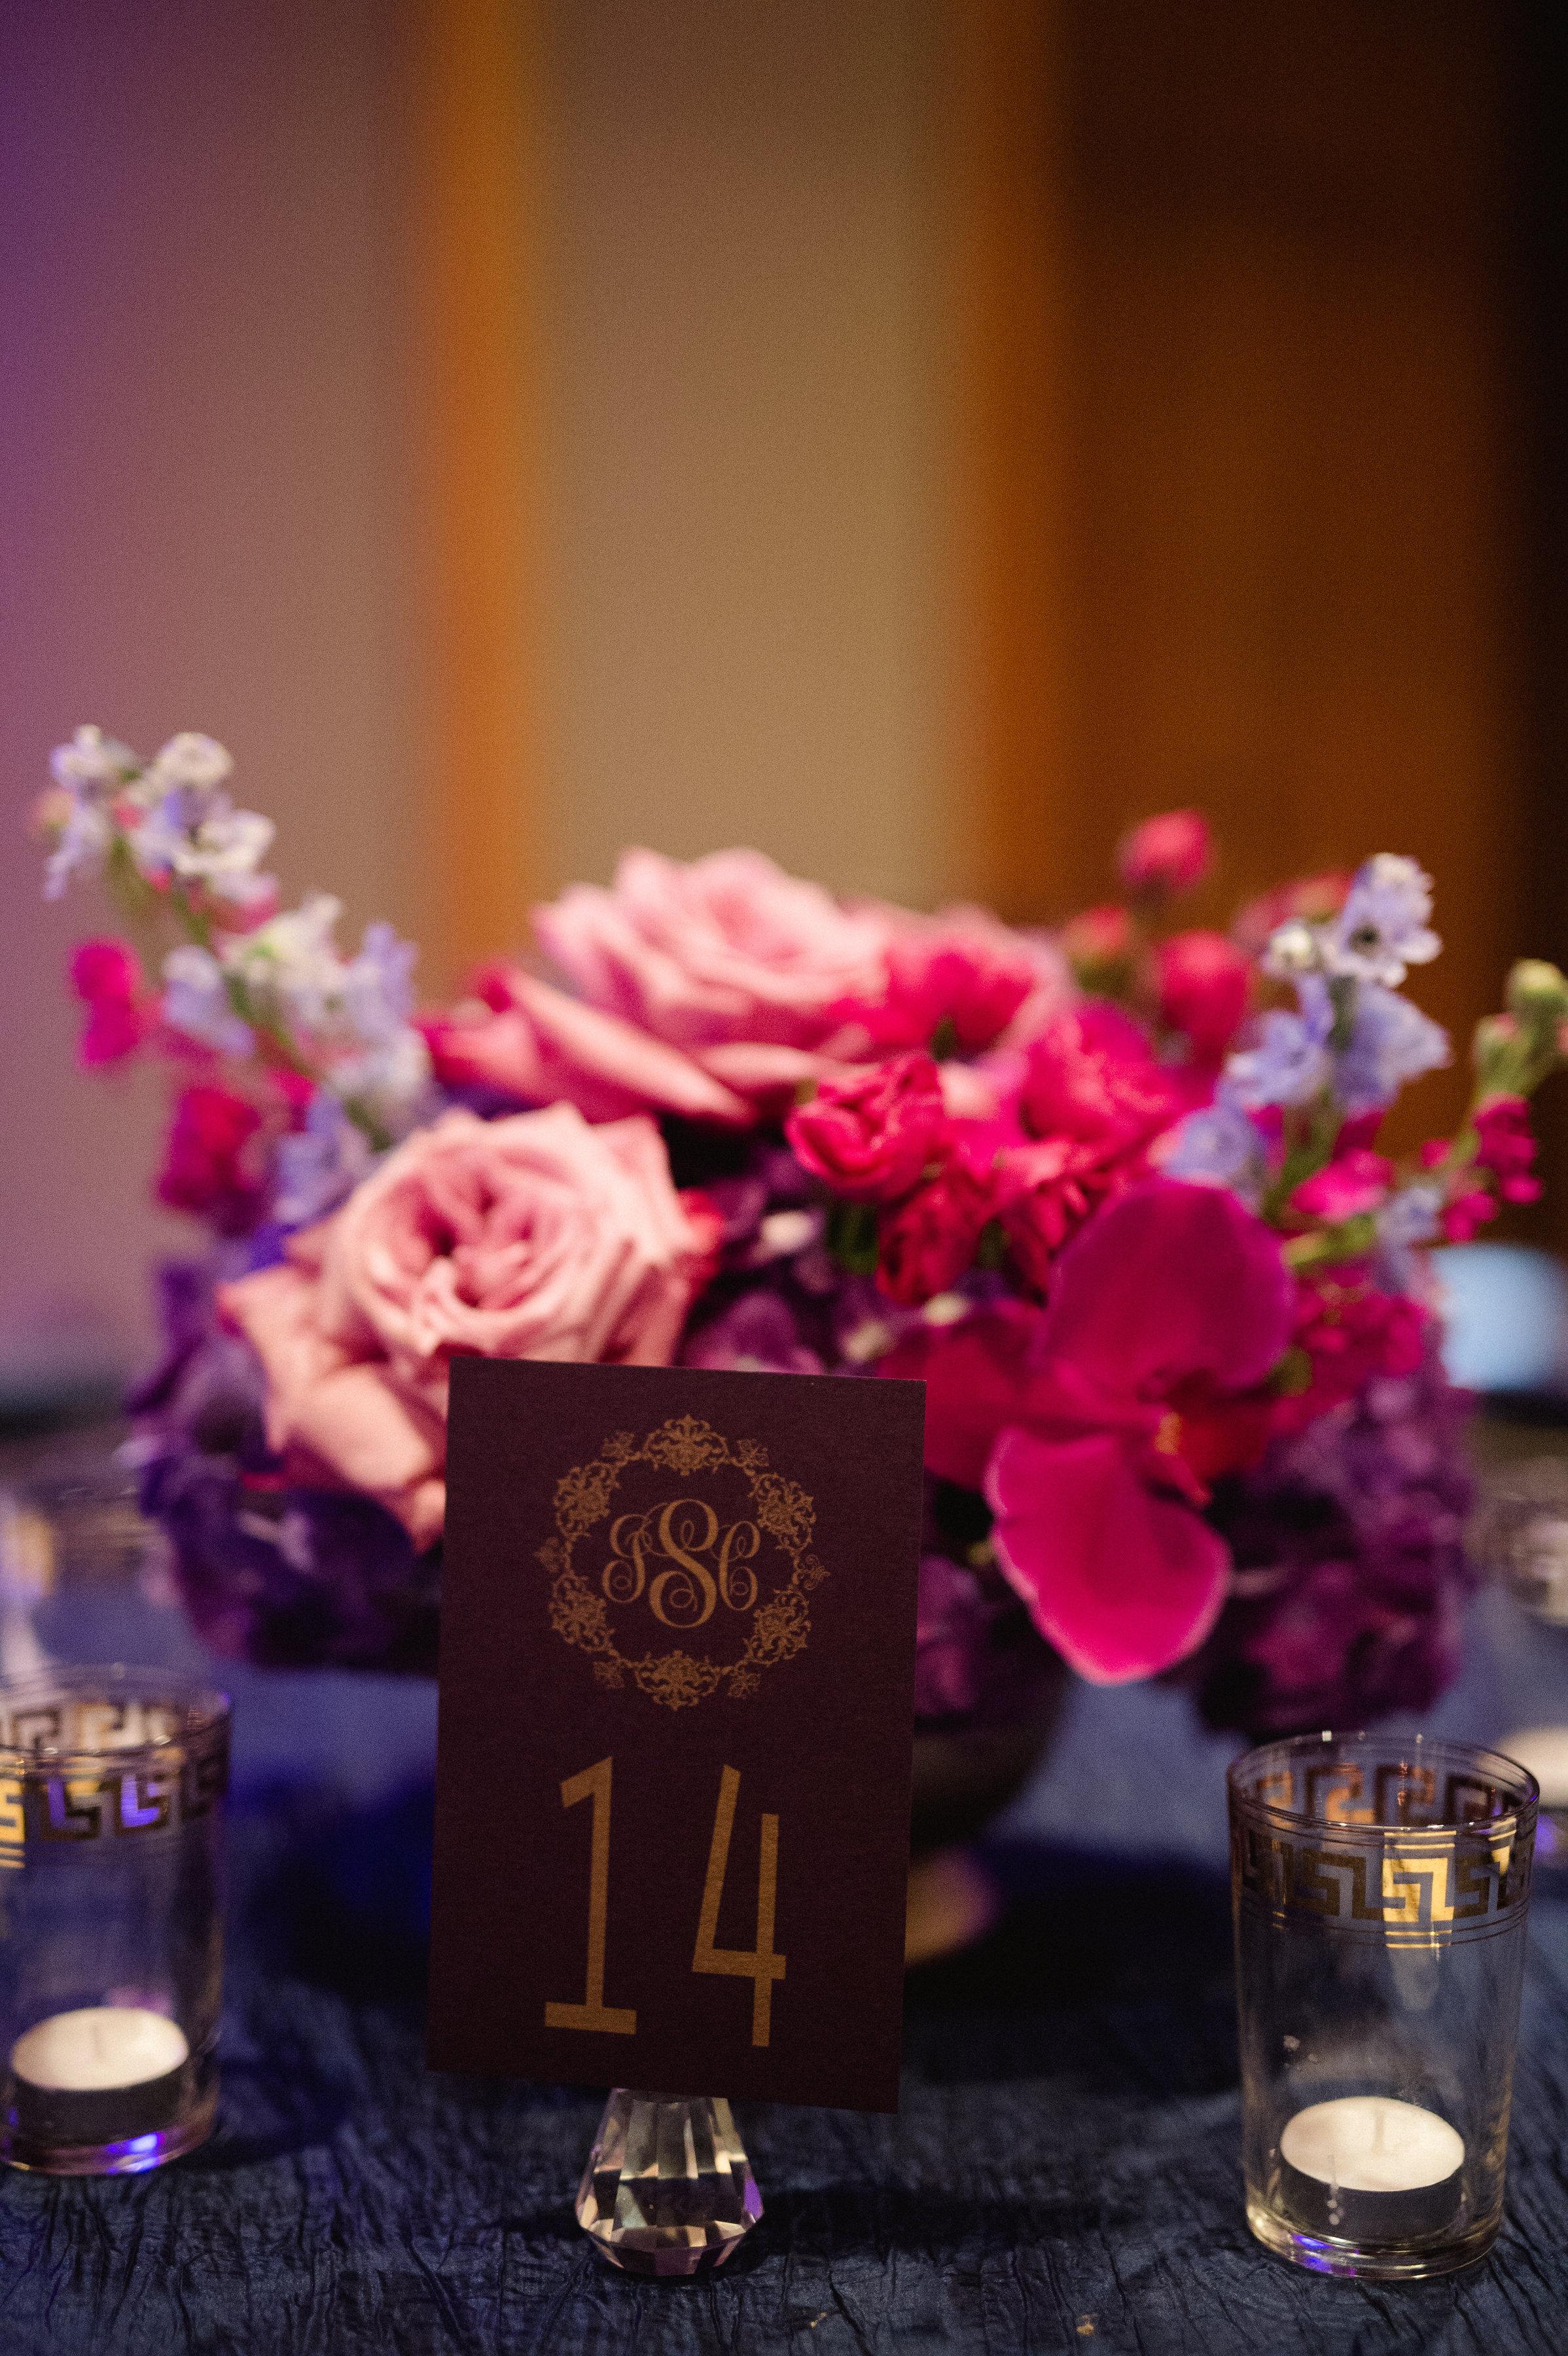 imani&chris|wedding|details-73.jpg